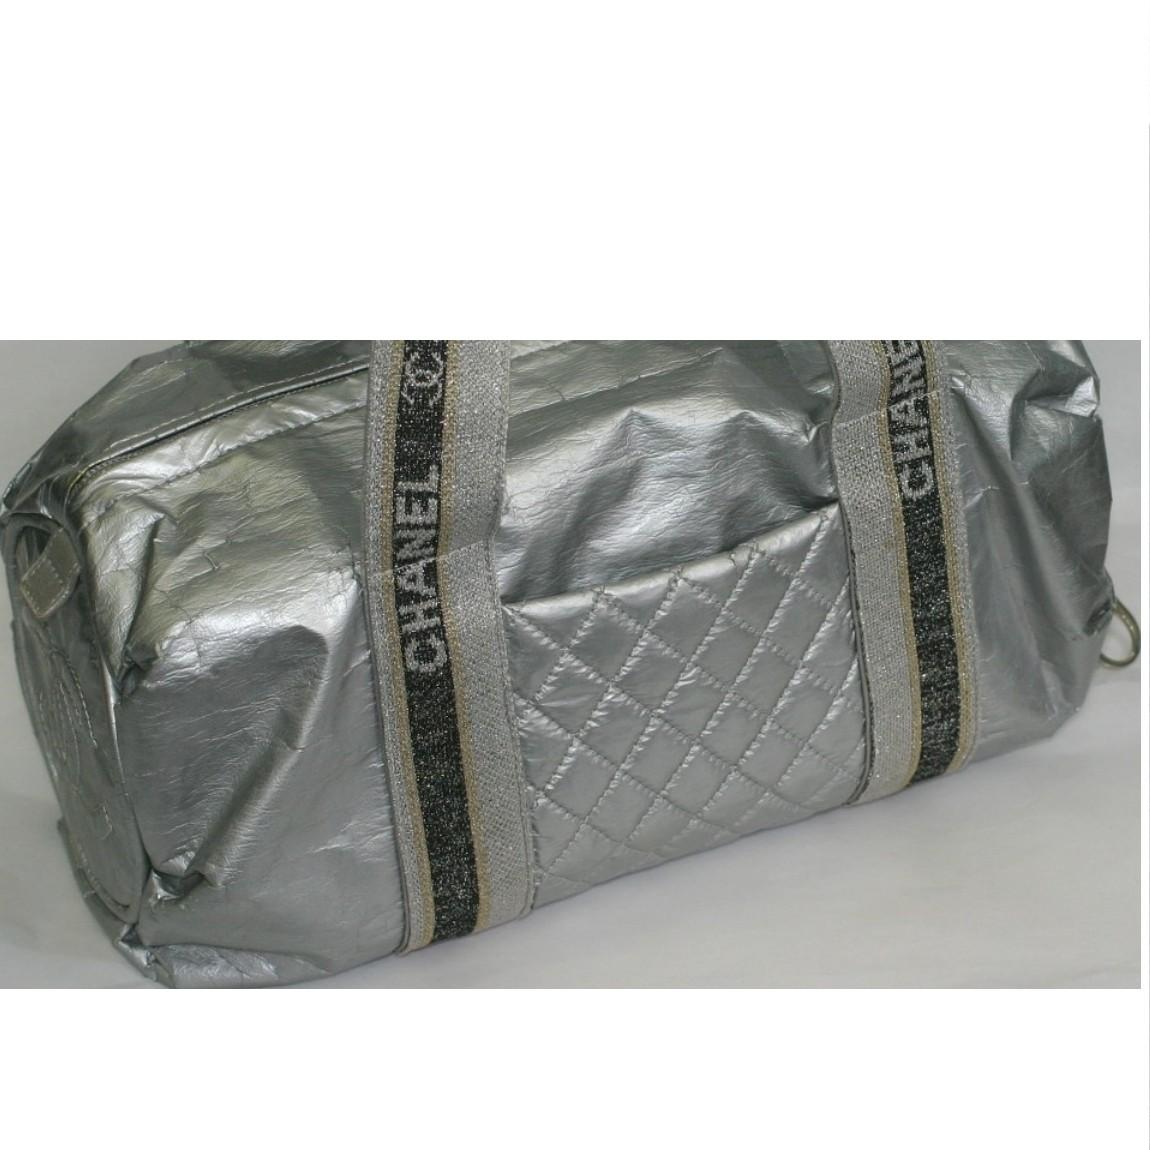 【中古】本物可シャネル女性用シルバーグレー色ボストンバッグ サイズW30H18D16,5cm 中に直営店のシールあります